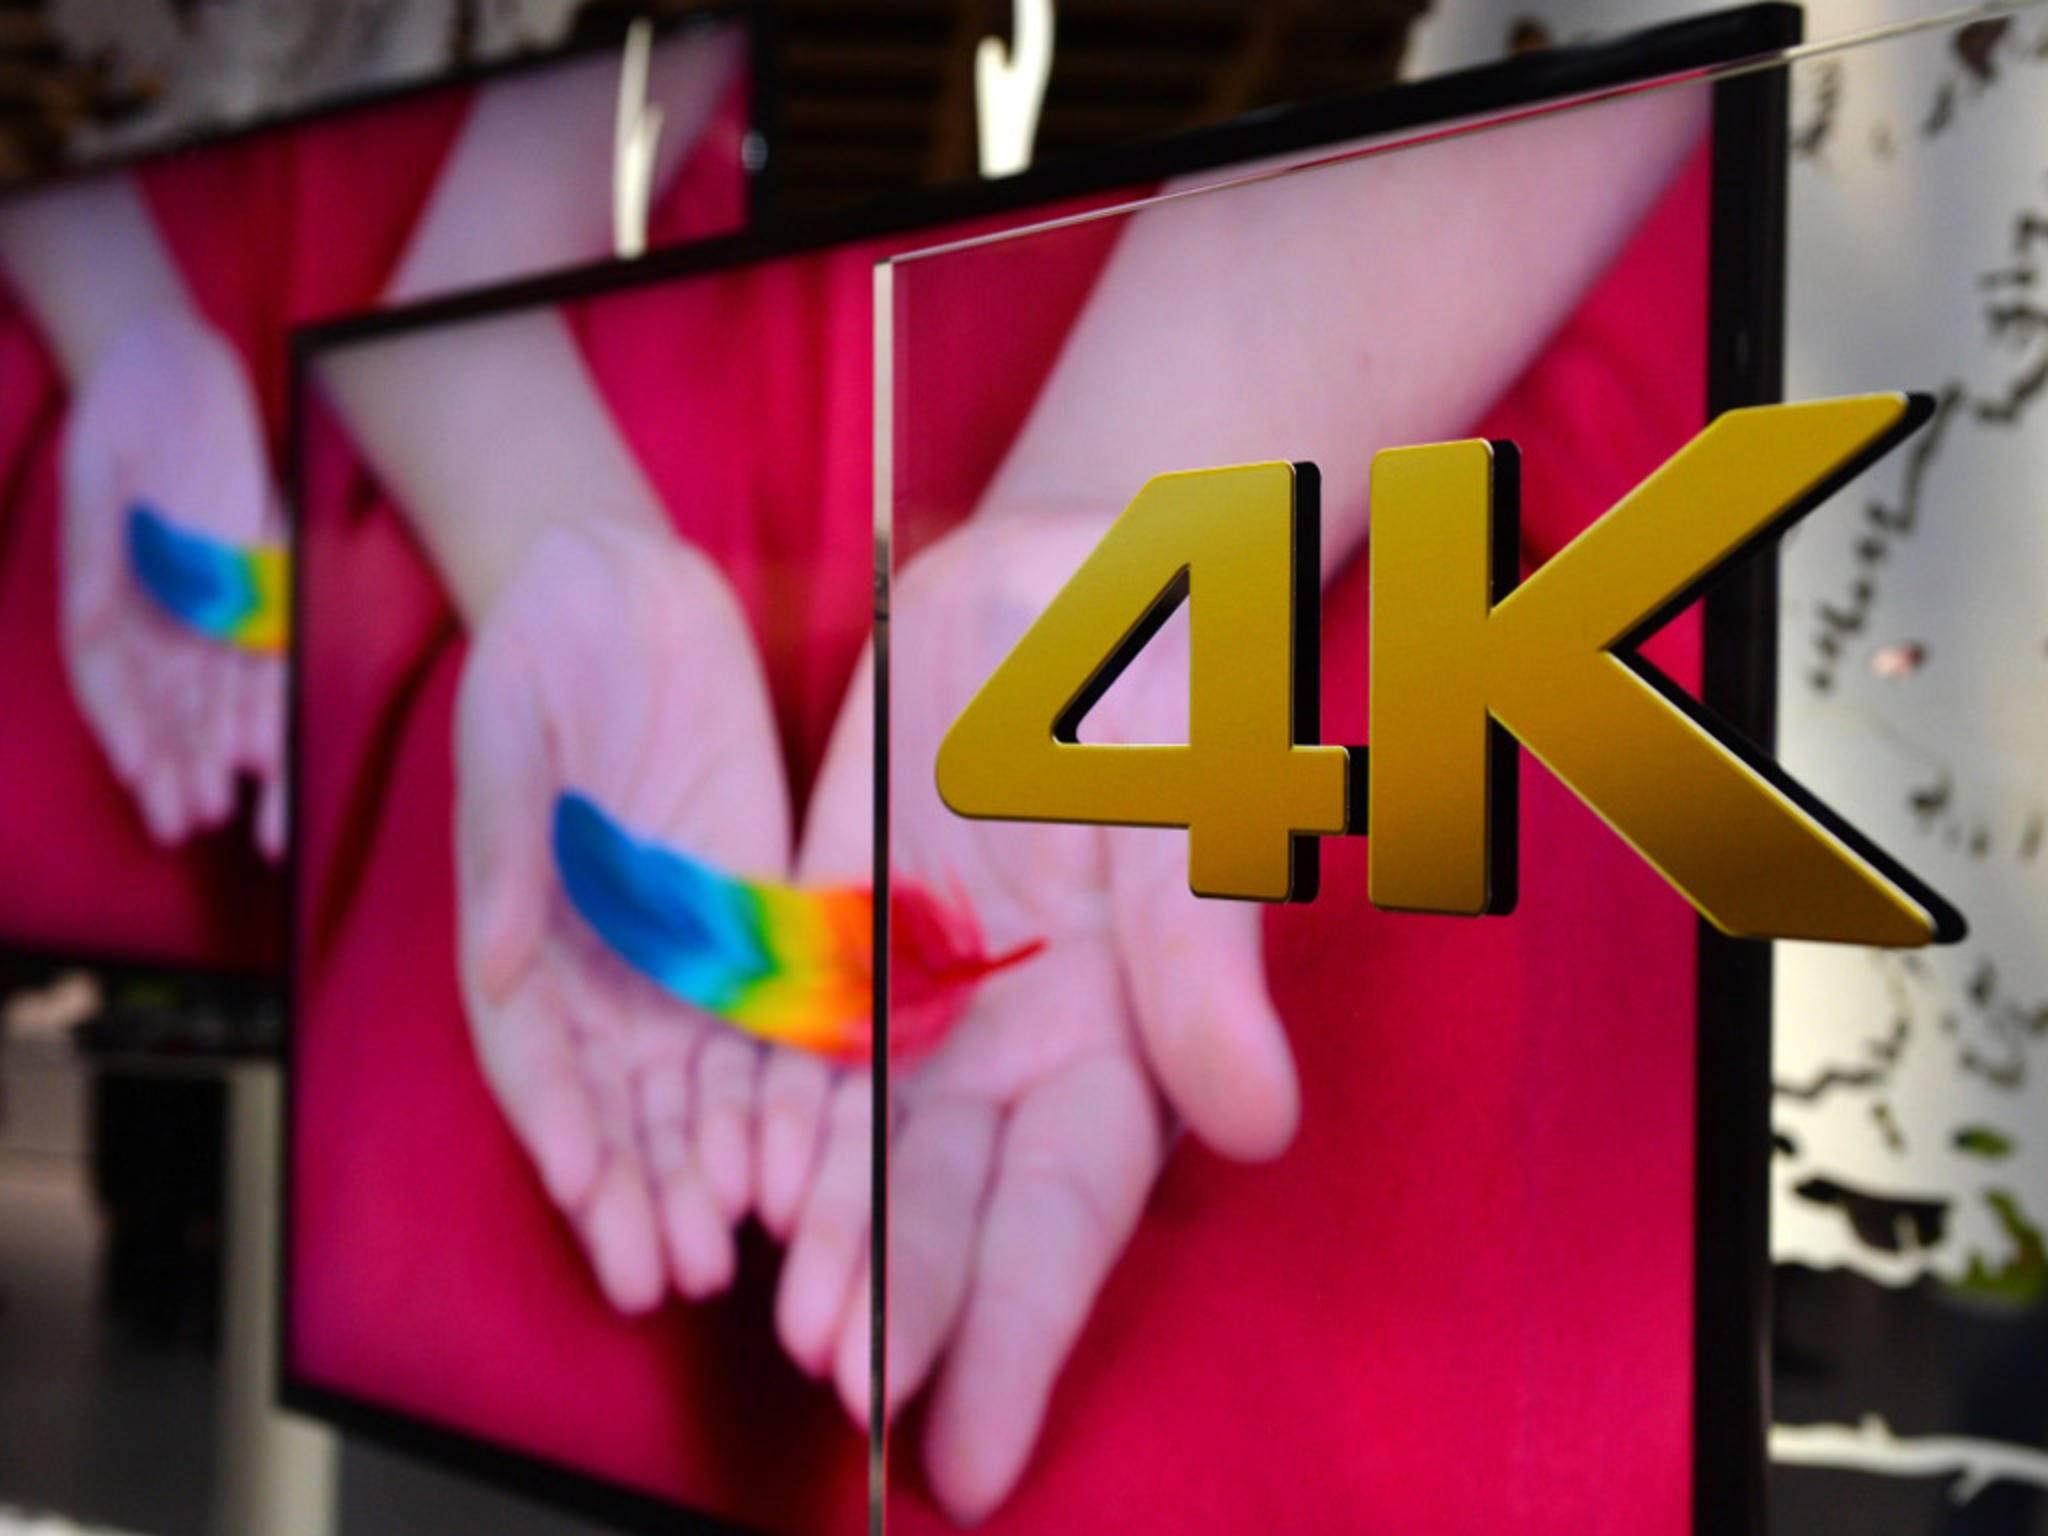 Mit der Schnittstelle lassen sich 4K-Filme mit bis zu 60 fps verlustfrei abspielen.(